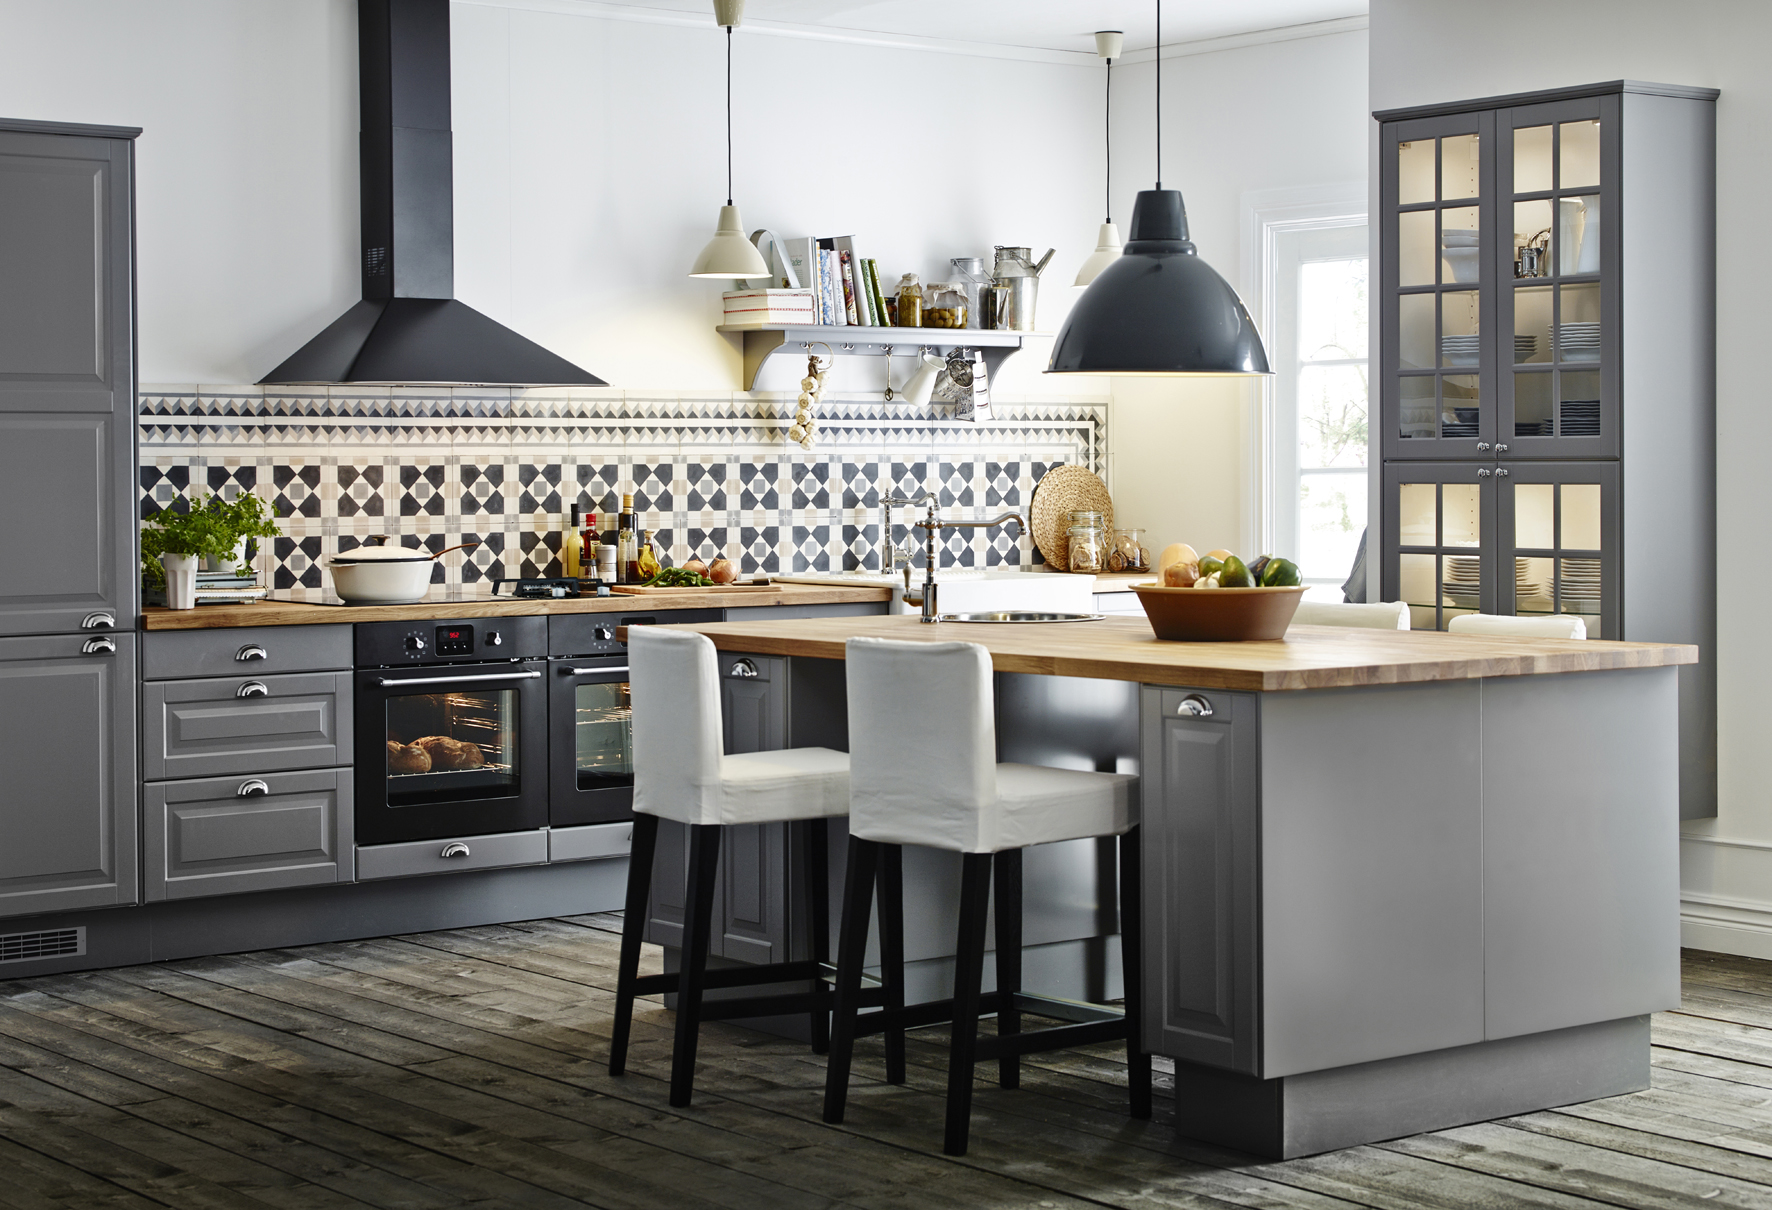 Mooie korting op Ikea keukens Faktum  Nieuws Startpagina voor keuken ideeën